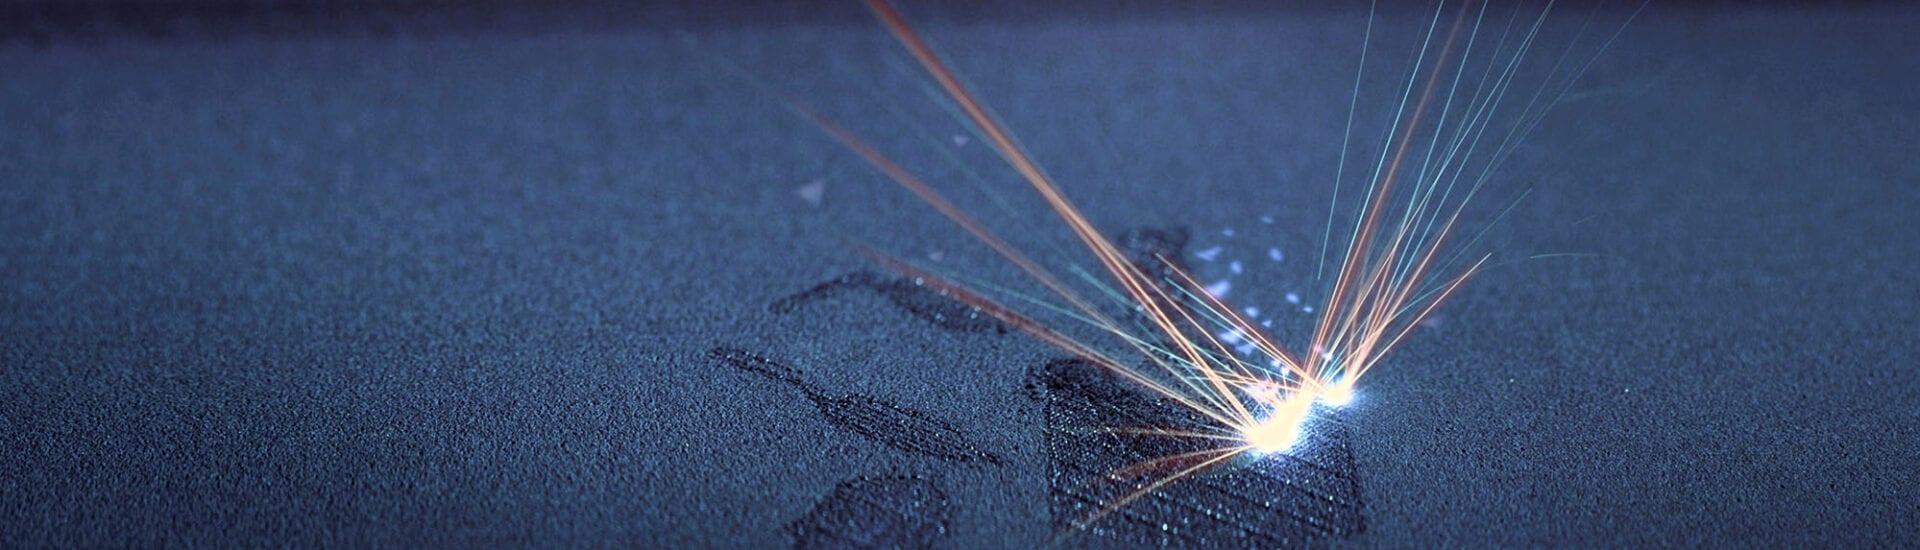 Waarom 3D printen in Metaal - Oceanz